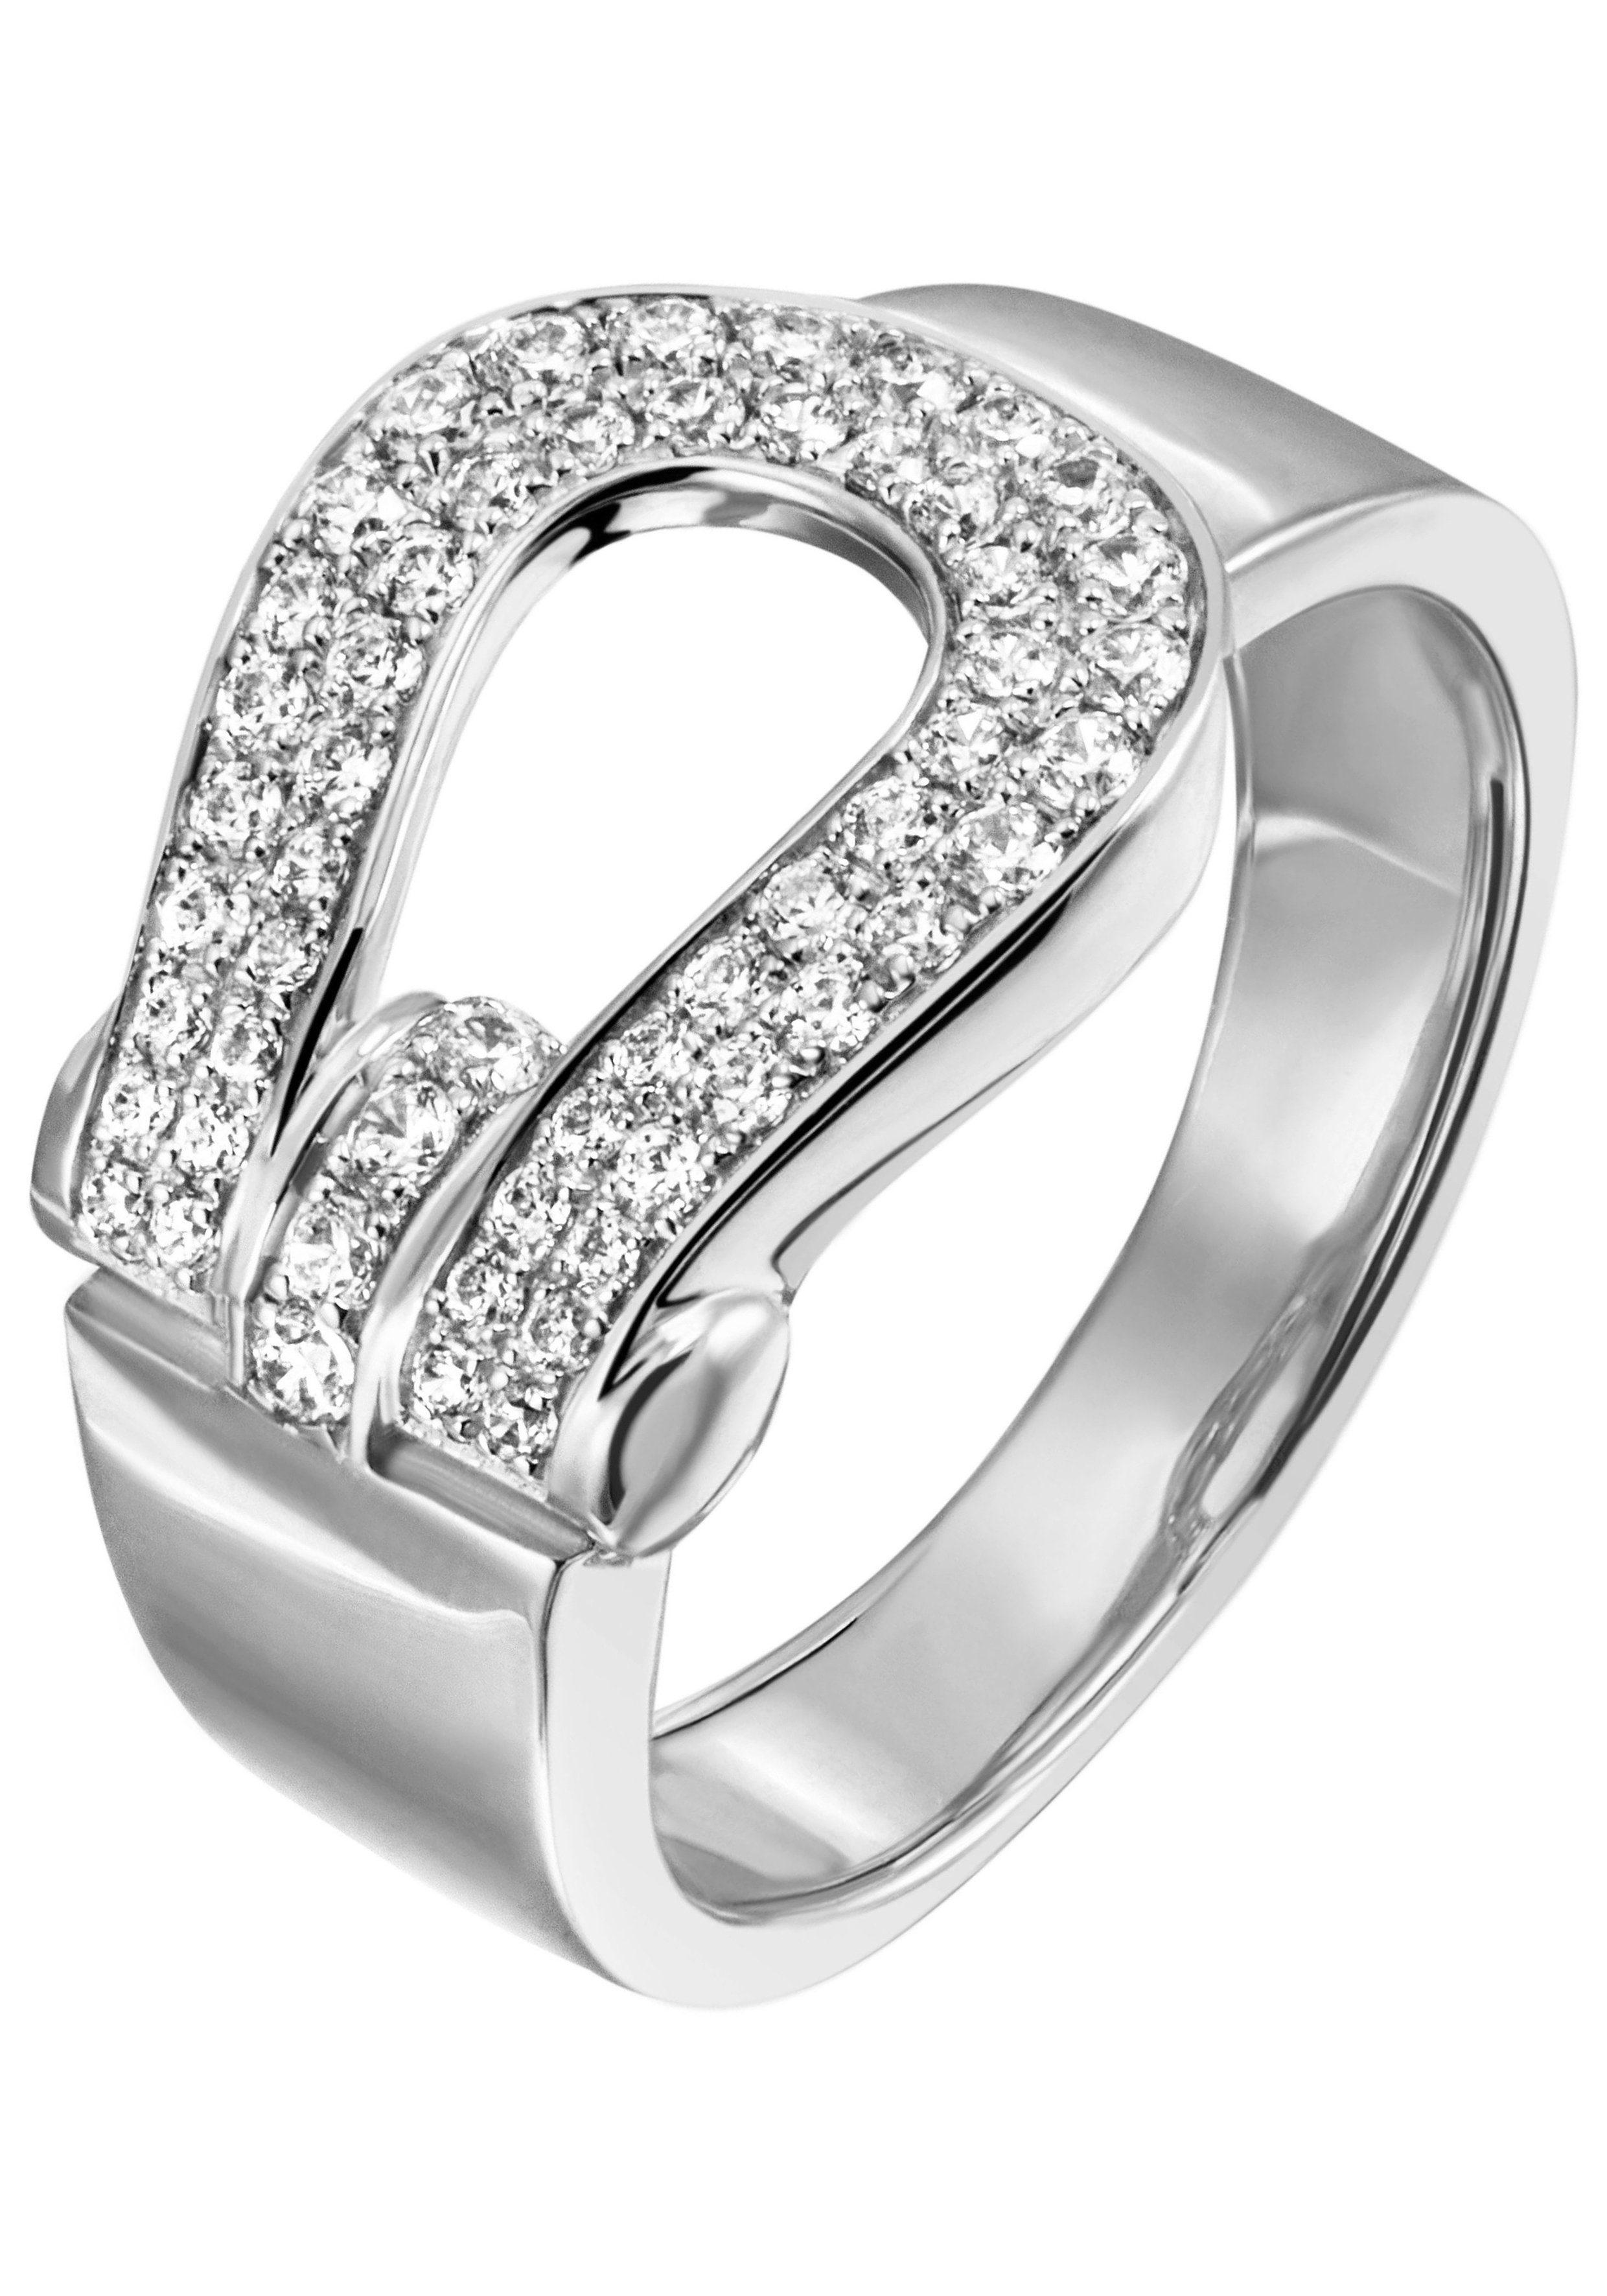 Zirkonia Fingerring Silber 925 55 Jobo Mit Kaufen ZuXiOPkT